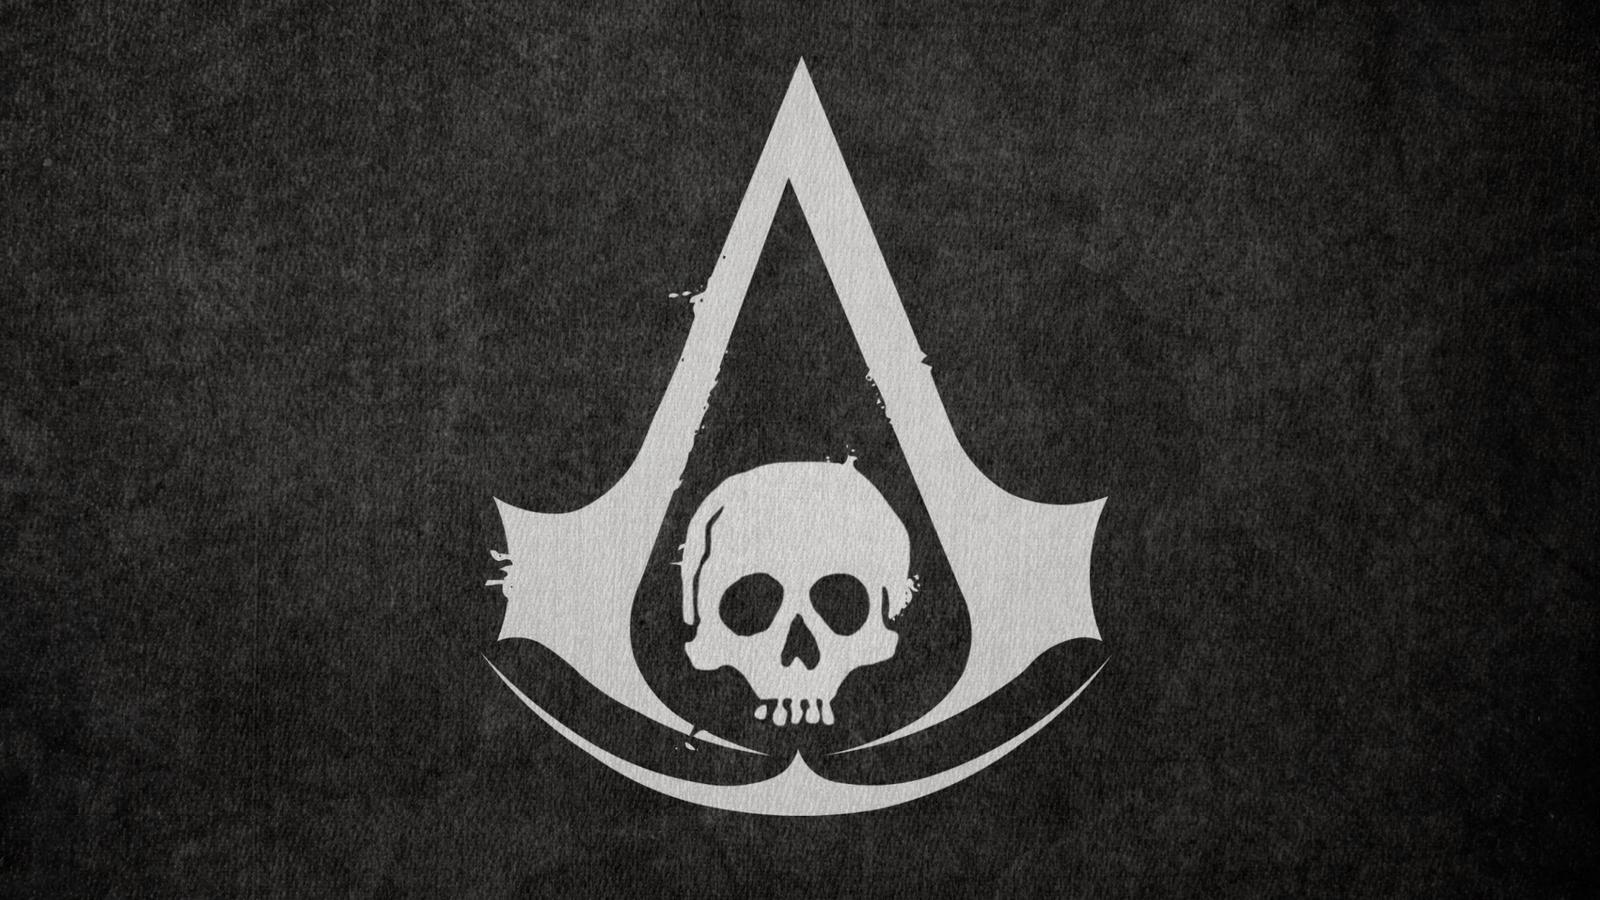 Assassin S Creed Iv Black Flag Wallpaper By Okiir Deviantart